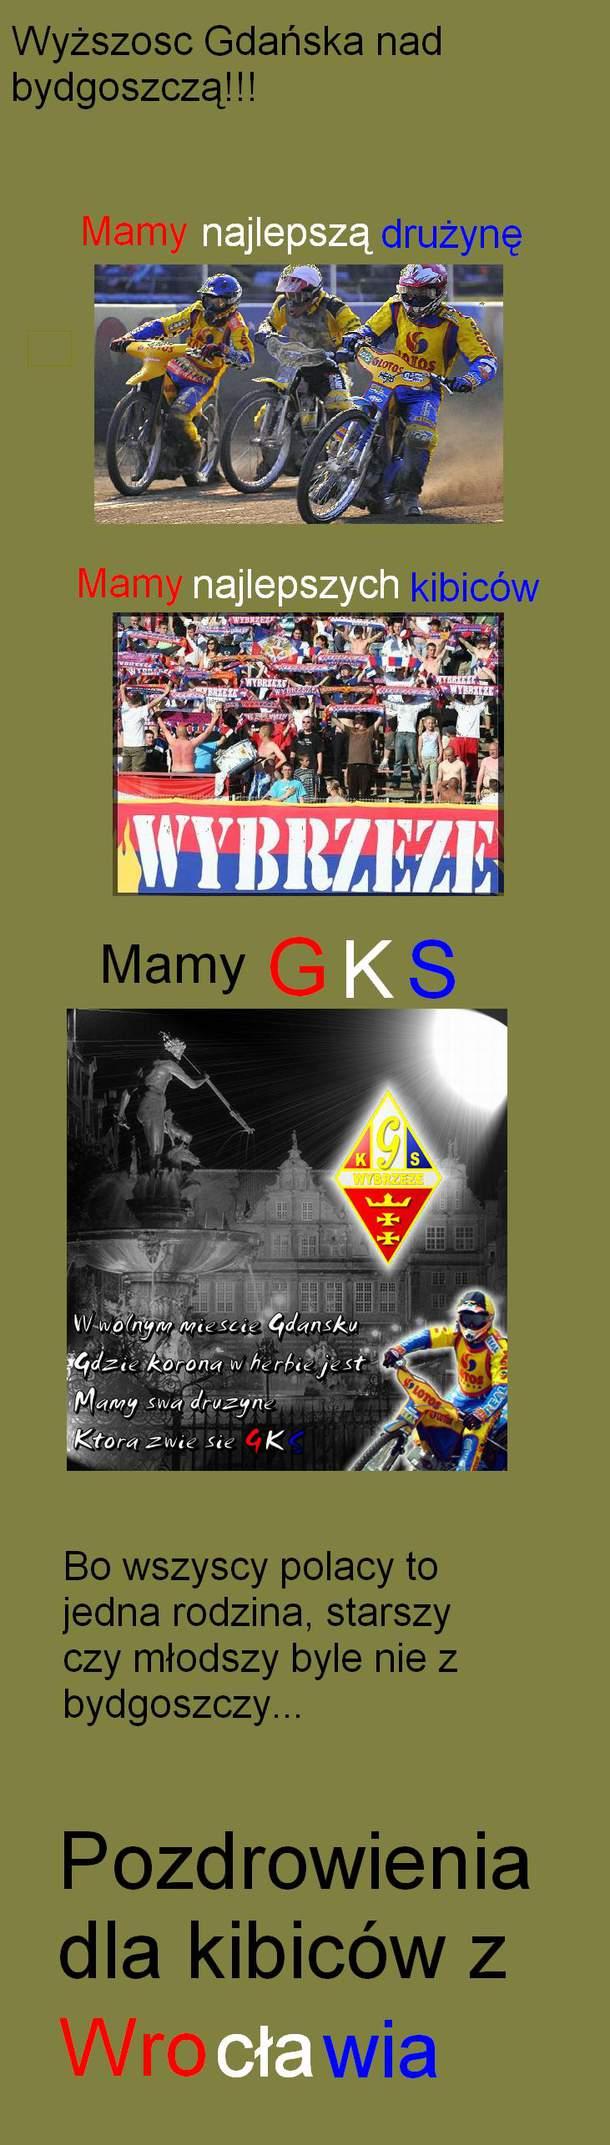 Wyższośc Gdańska nad bydgoszczą